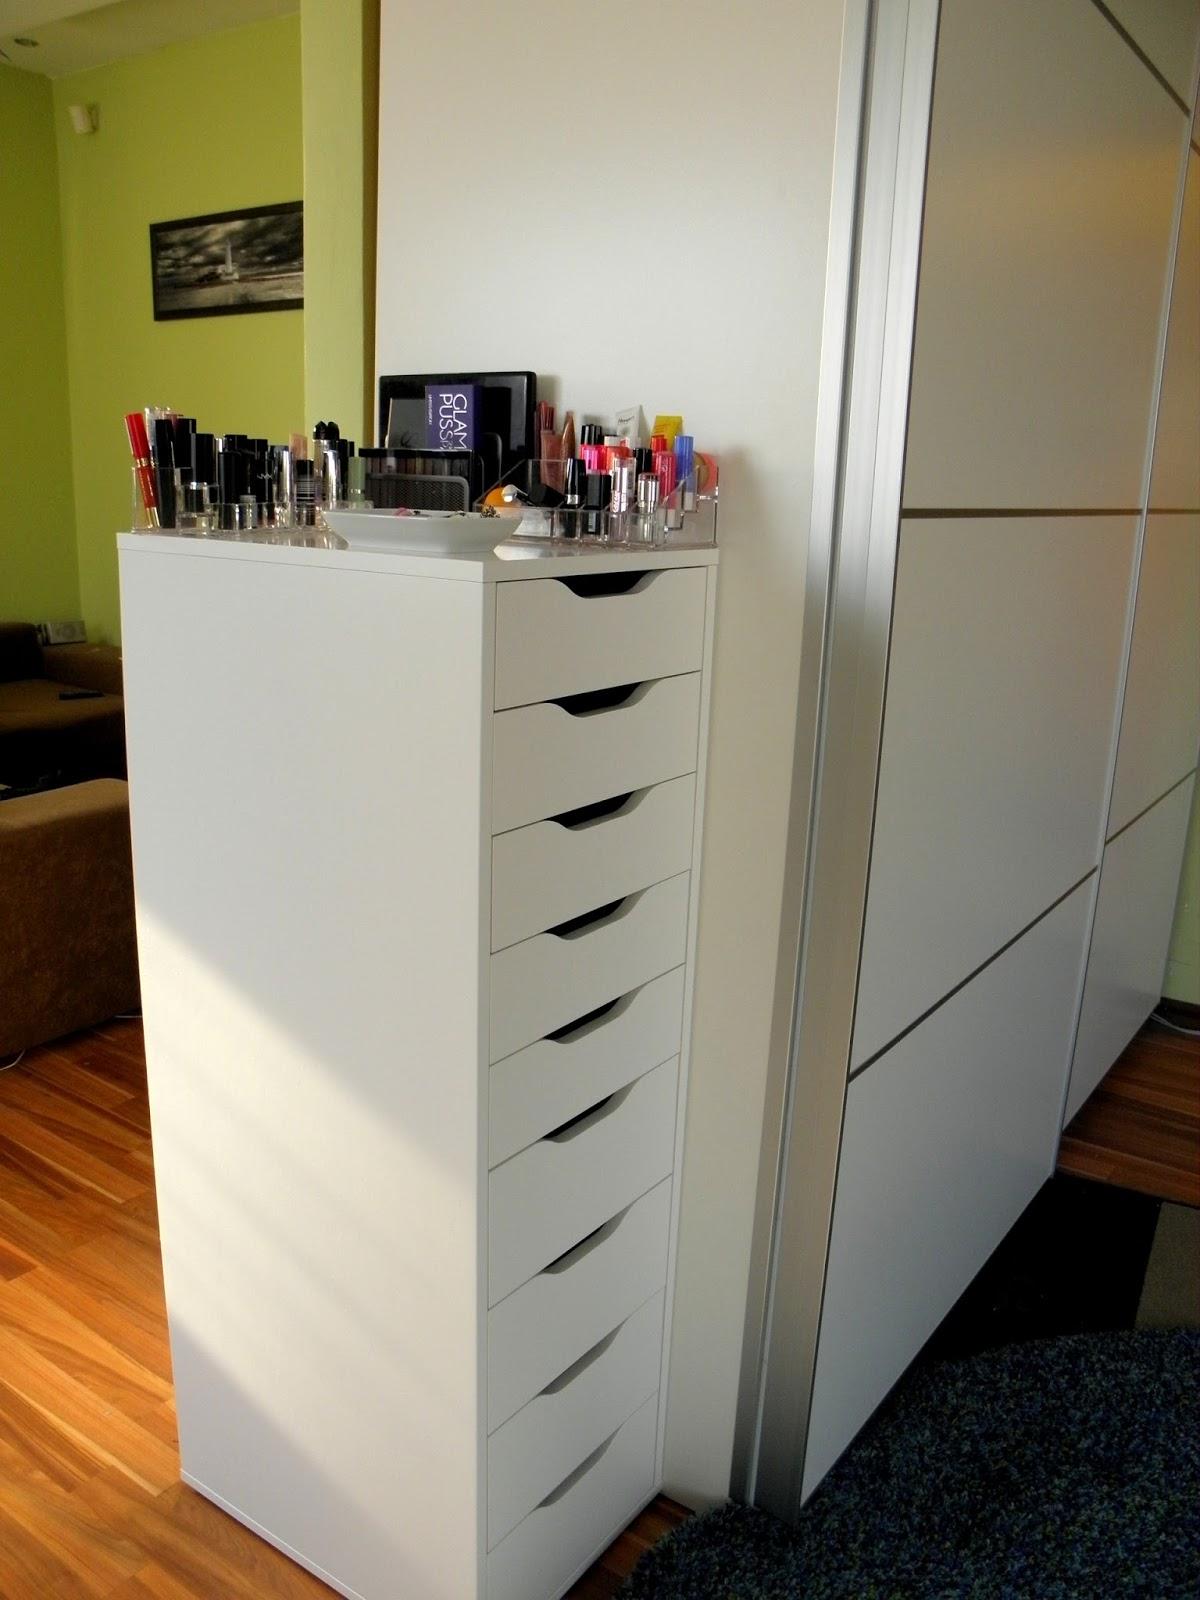 Dekorsarok - új sminklakás: az ikonikus 9 fiókos IKEA ALEX tároló